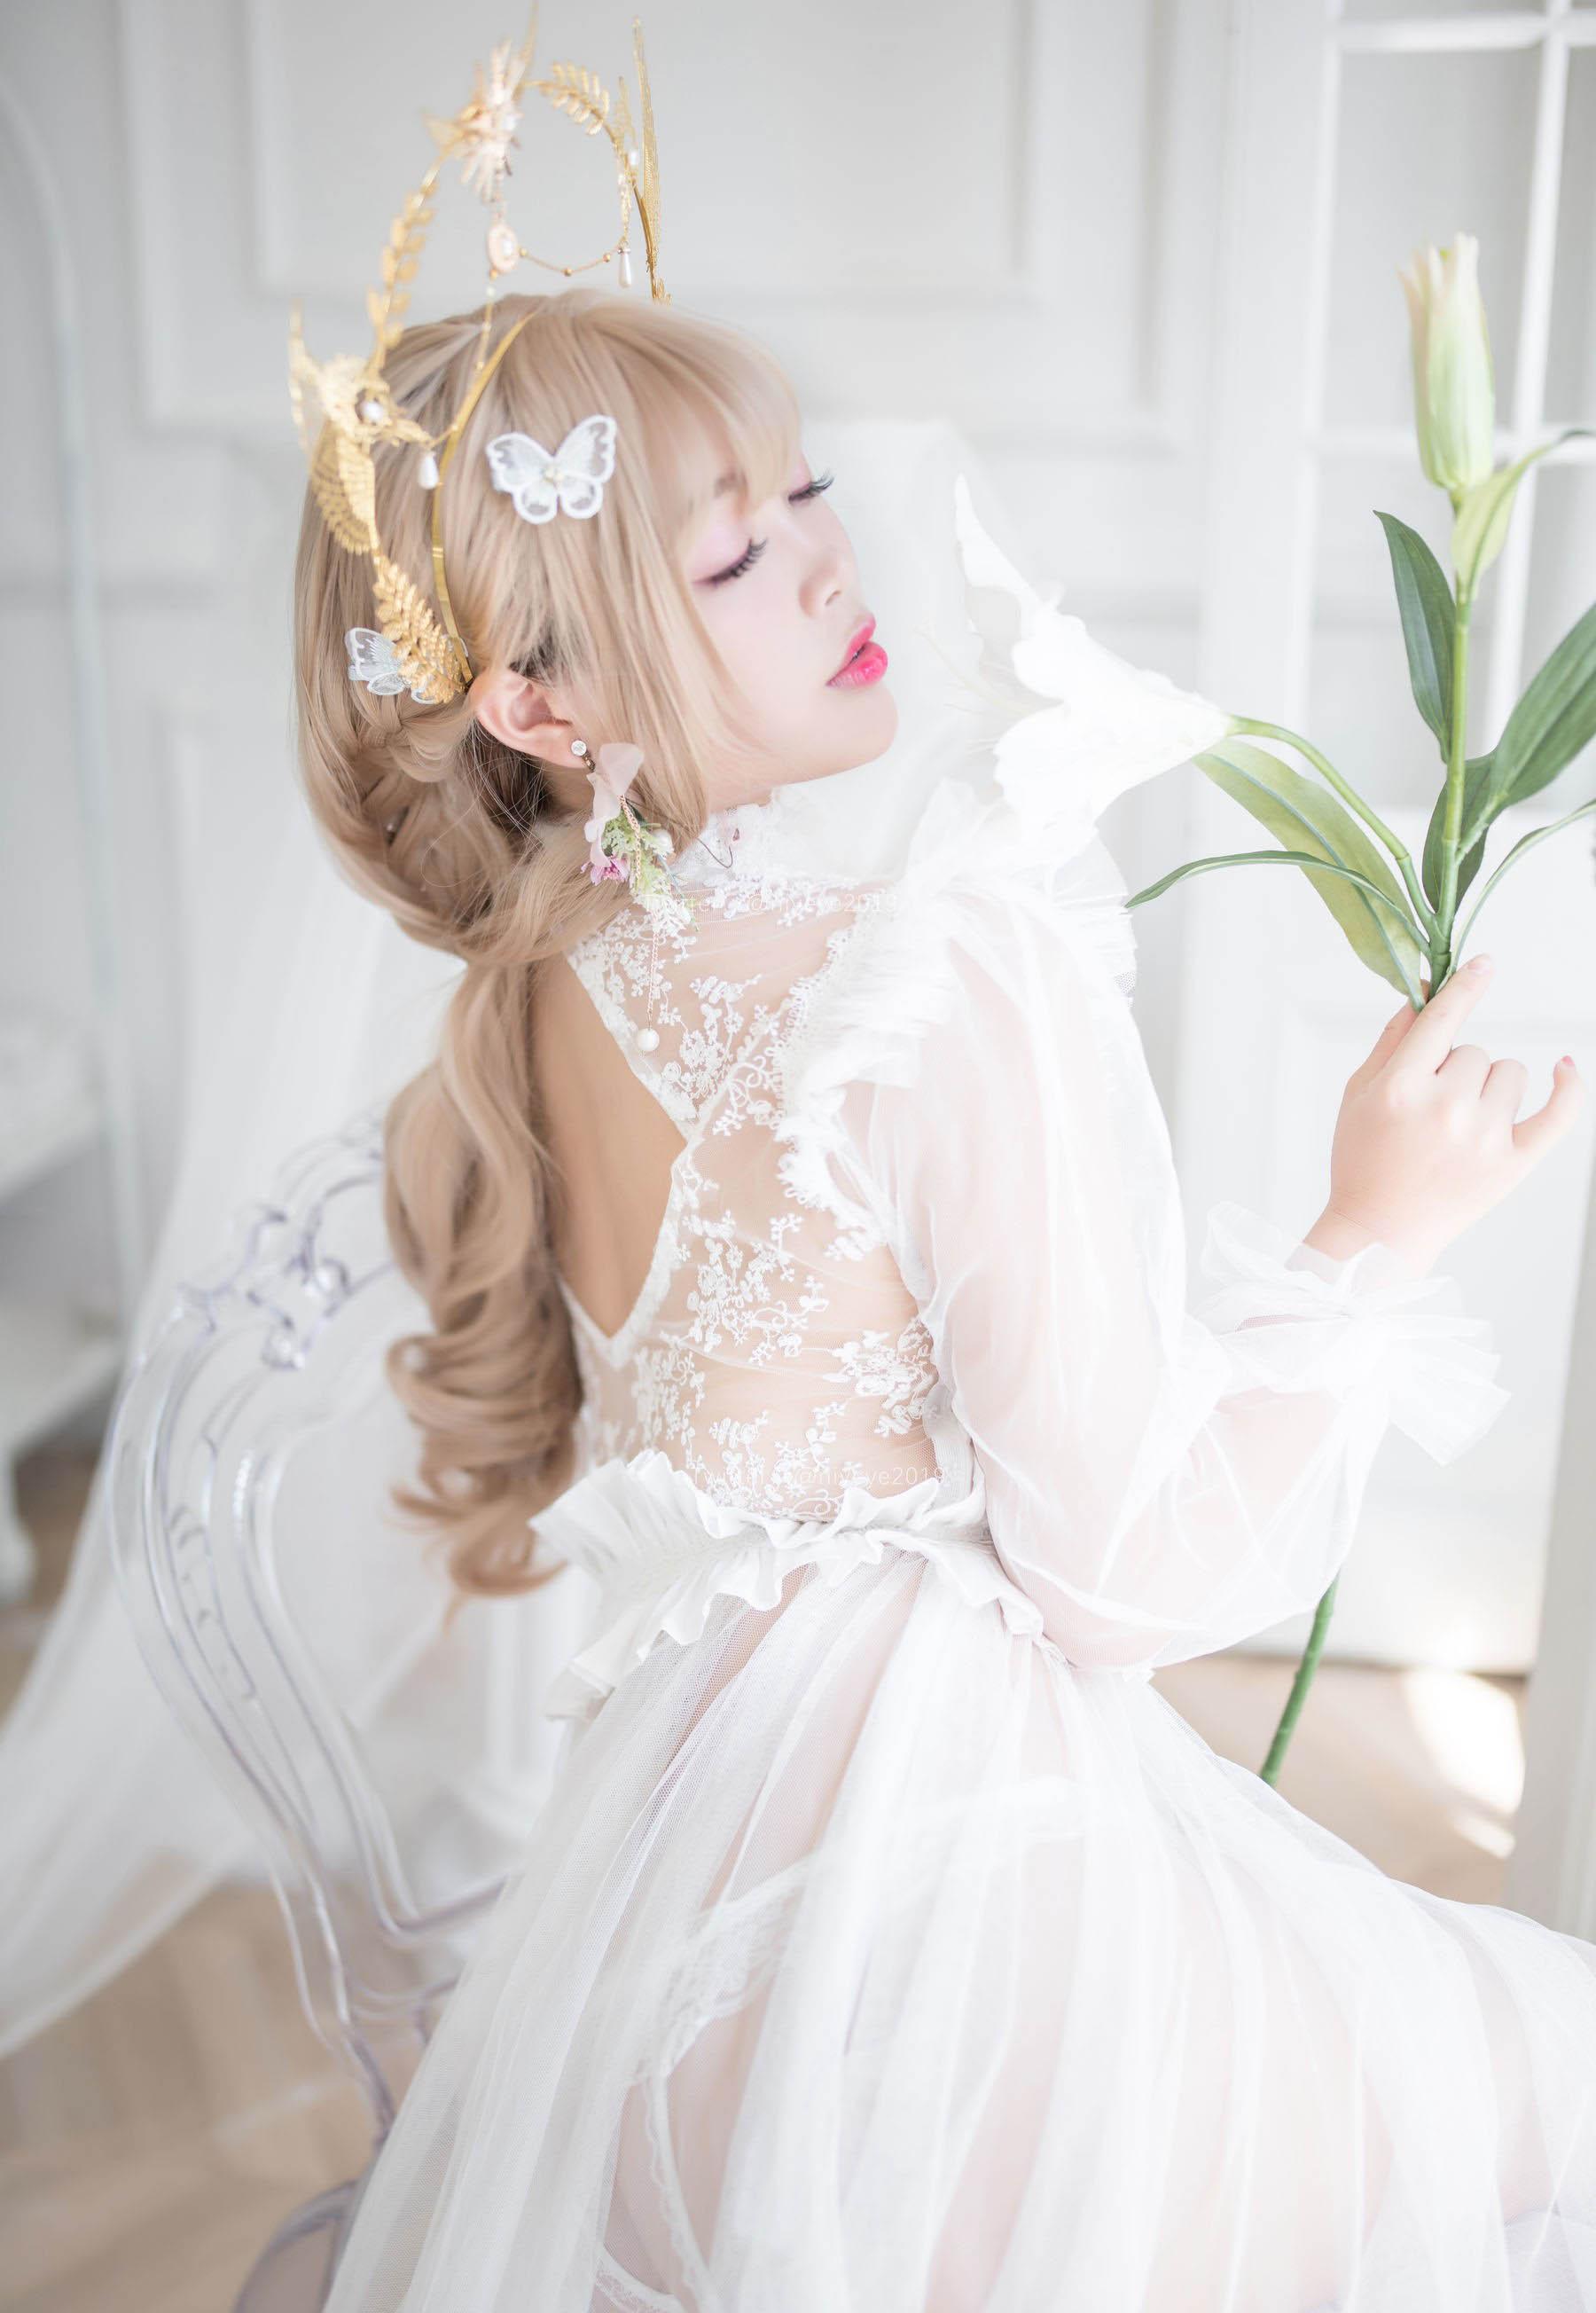 萌系小姐姐-白烨珍珠花